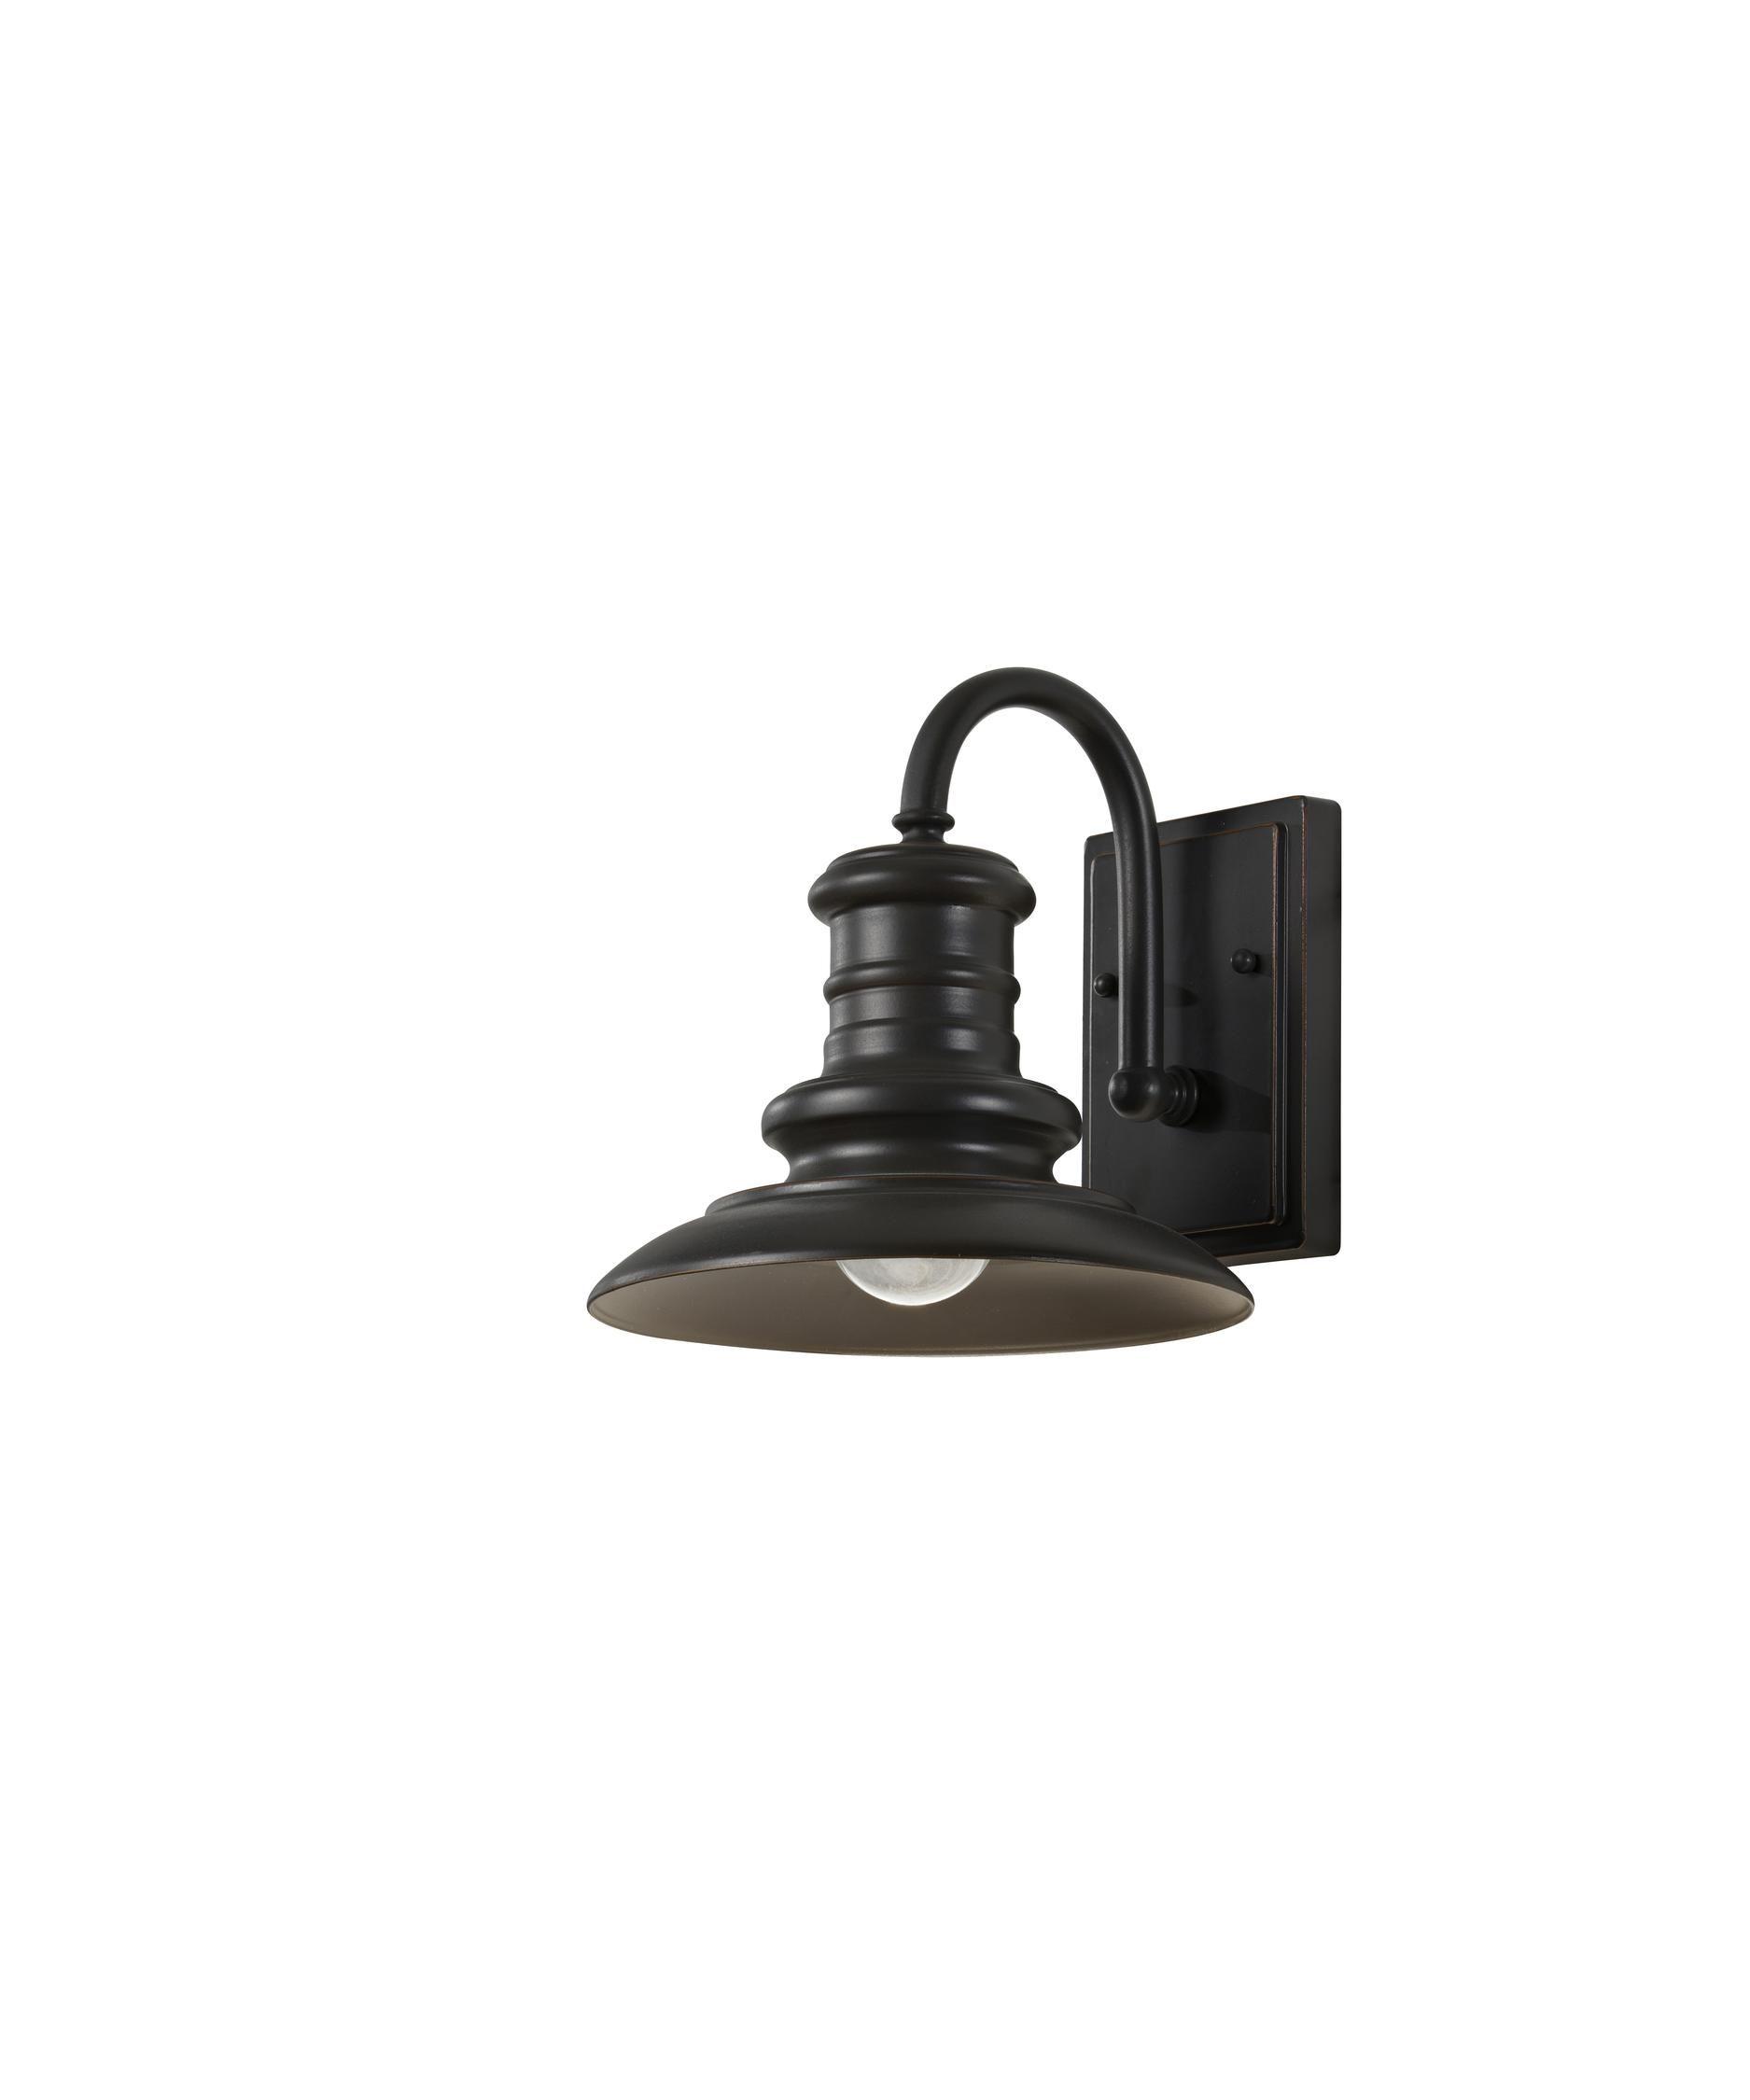 Captivating Murray Feiss OL8600 Redding Station 1 Light Outdoor Wall Light